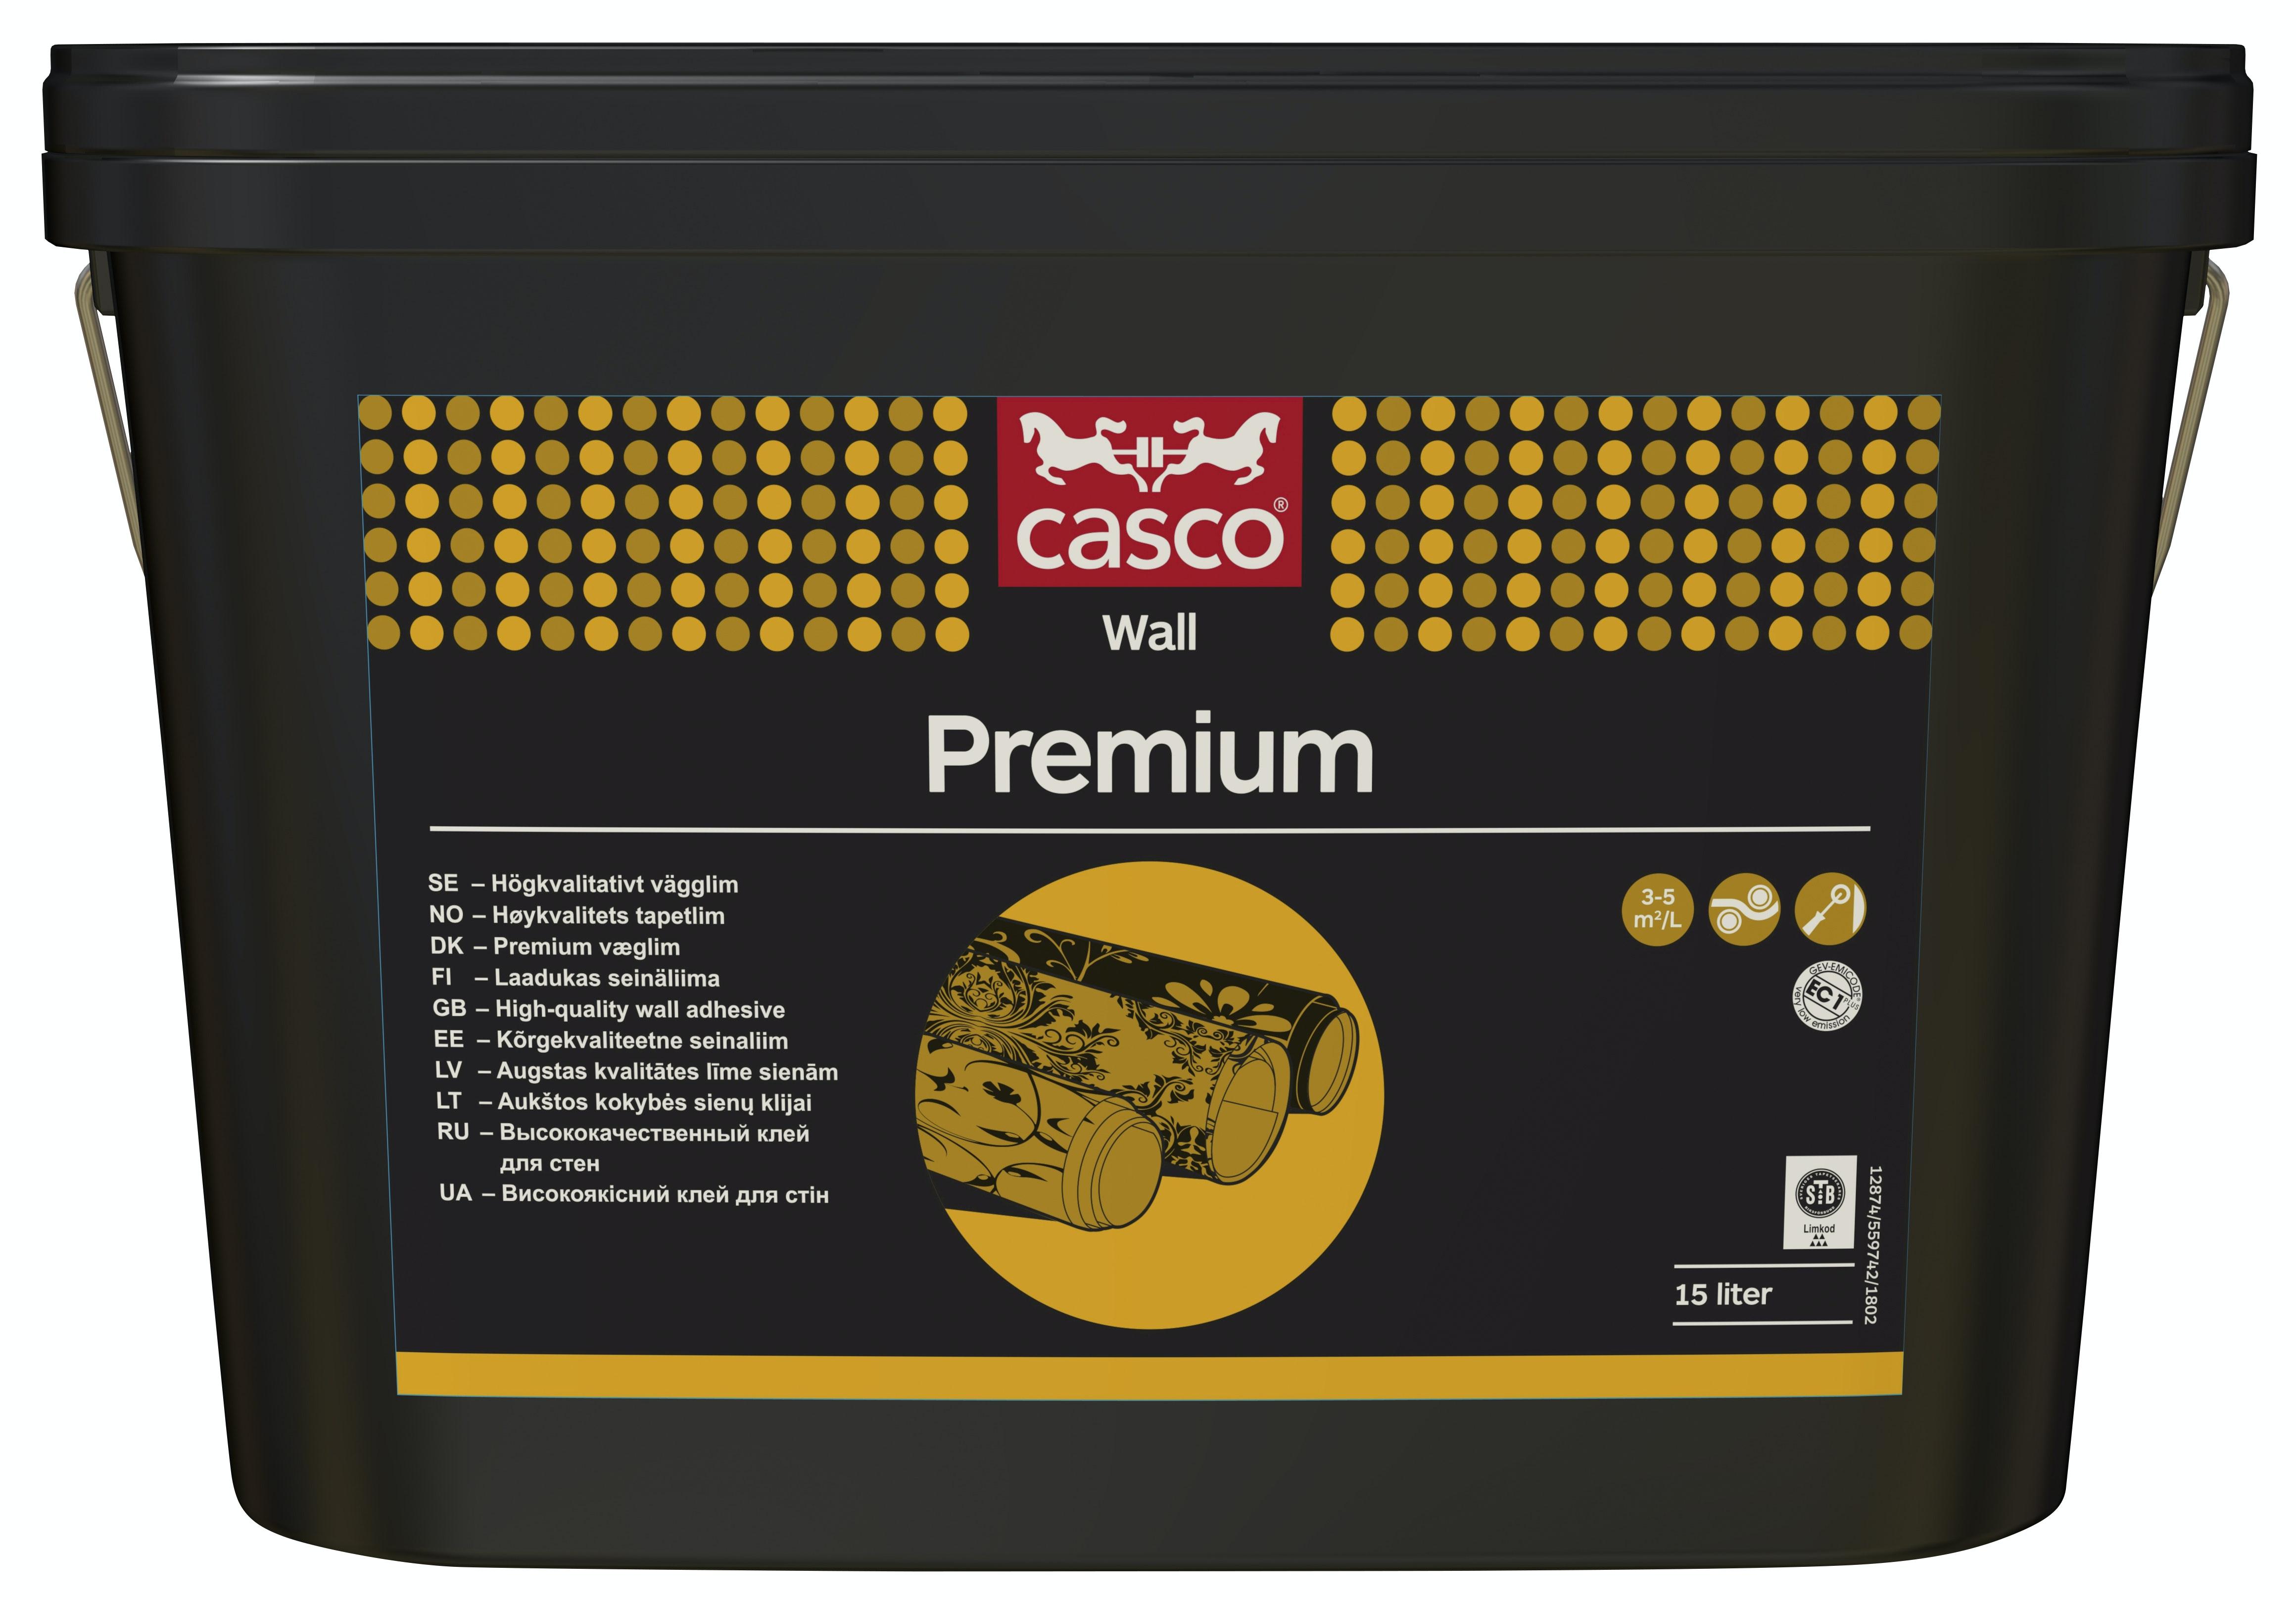 VäggLim Casco Premium 15l